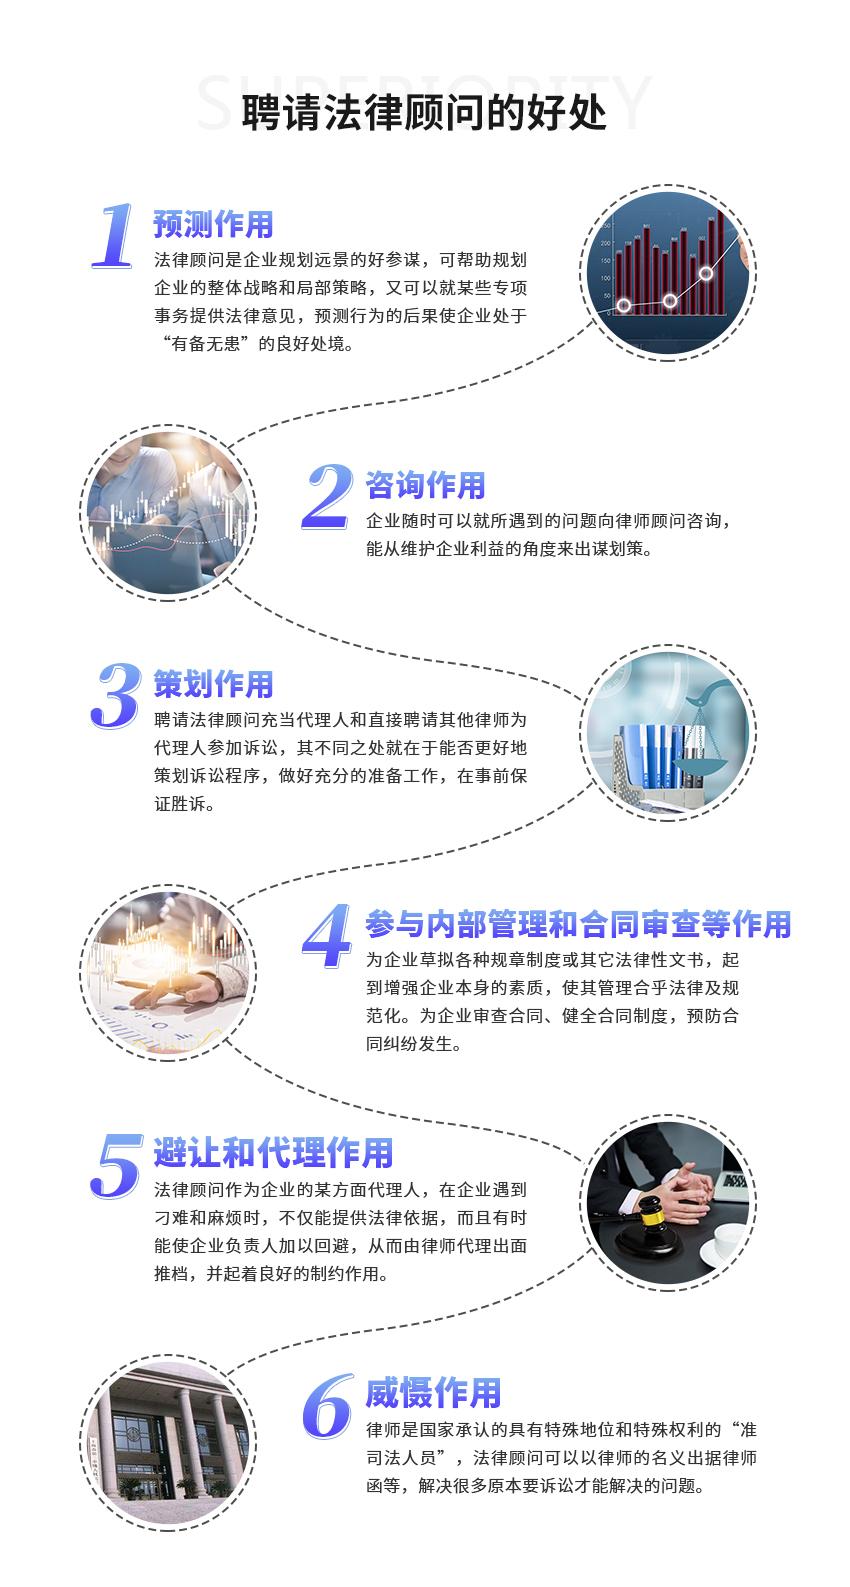 企业法律顾问服务图2